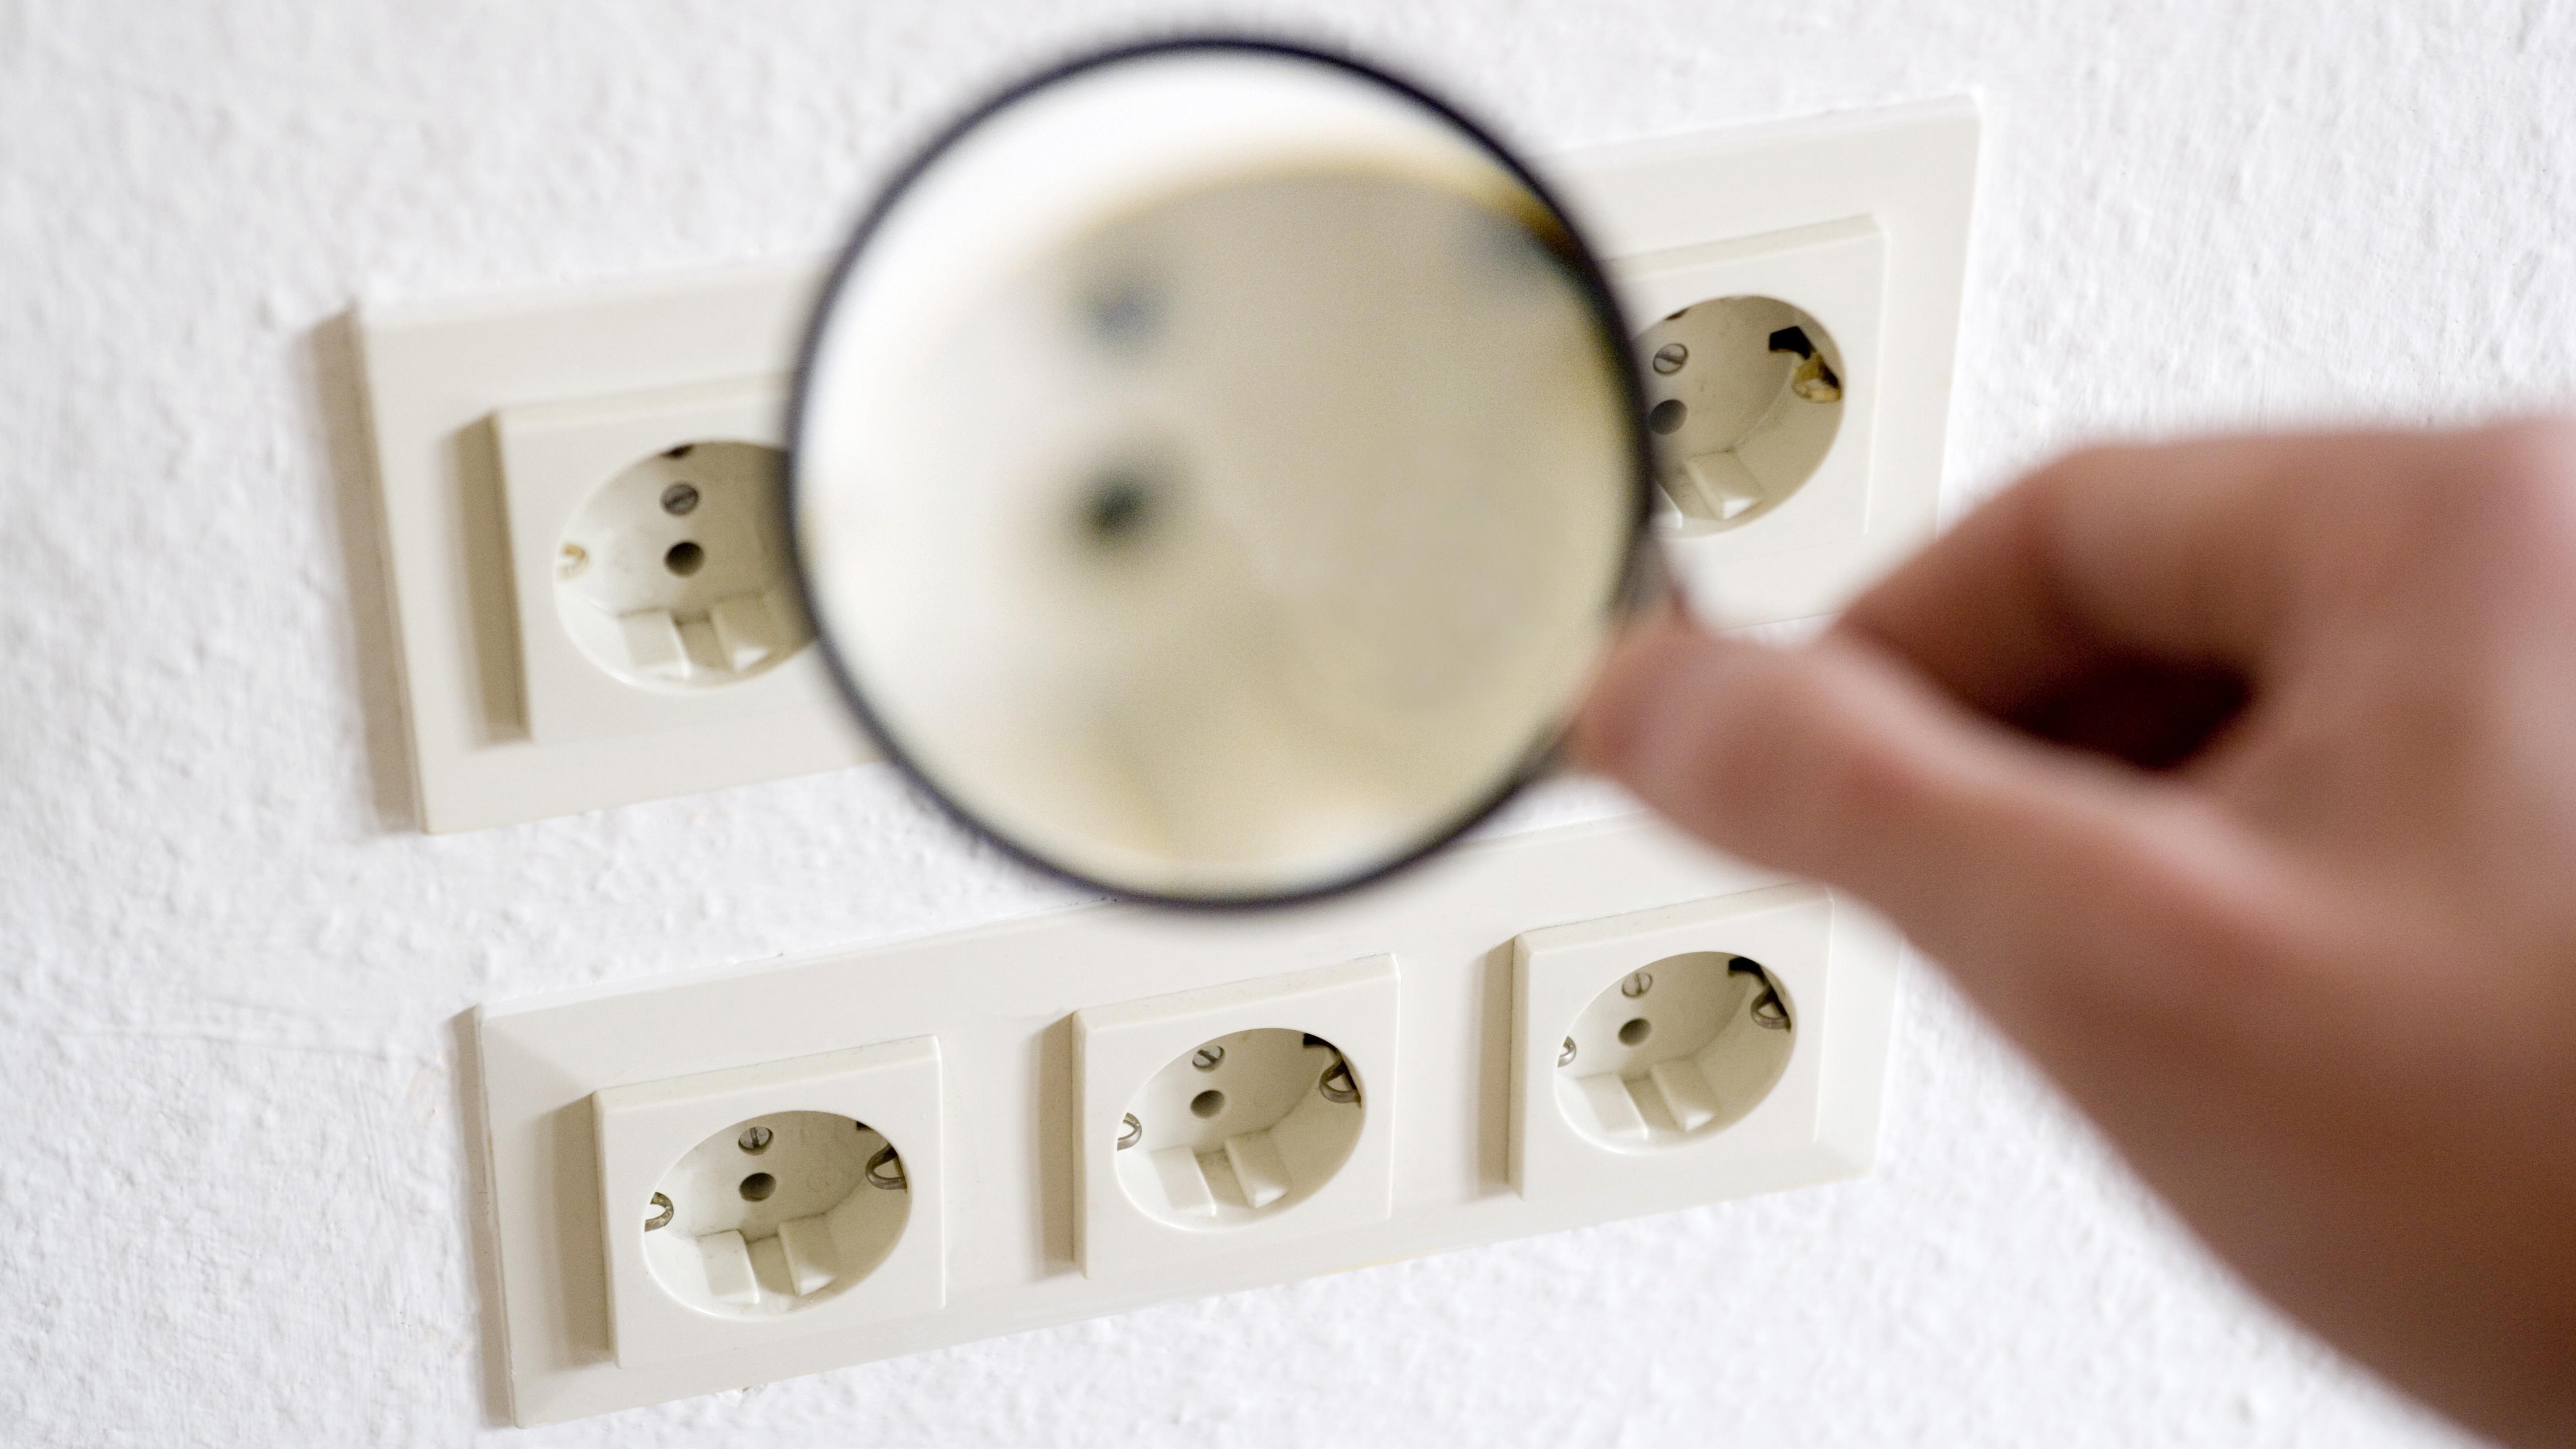 Kontrolle der Energieversorger: Lupe vor Steckdosen